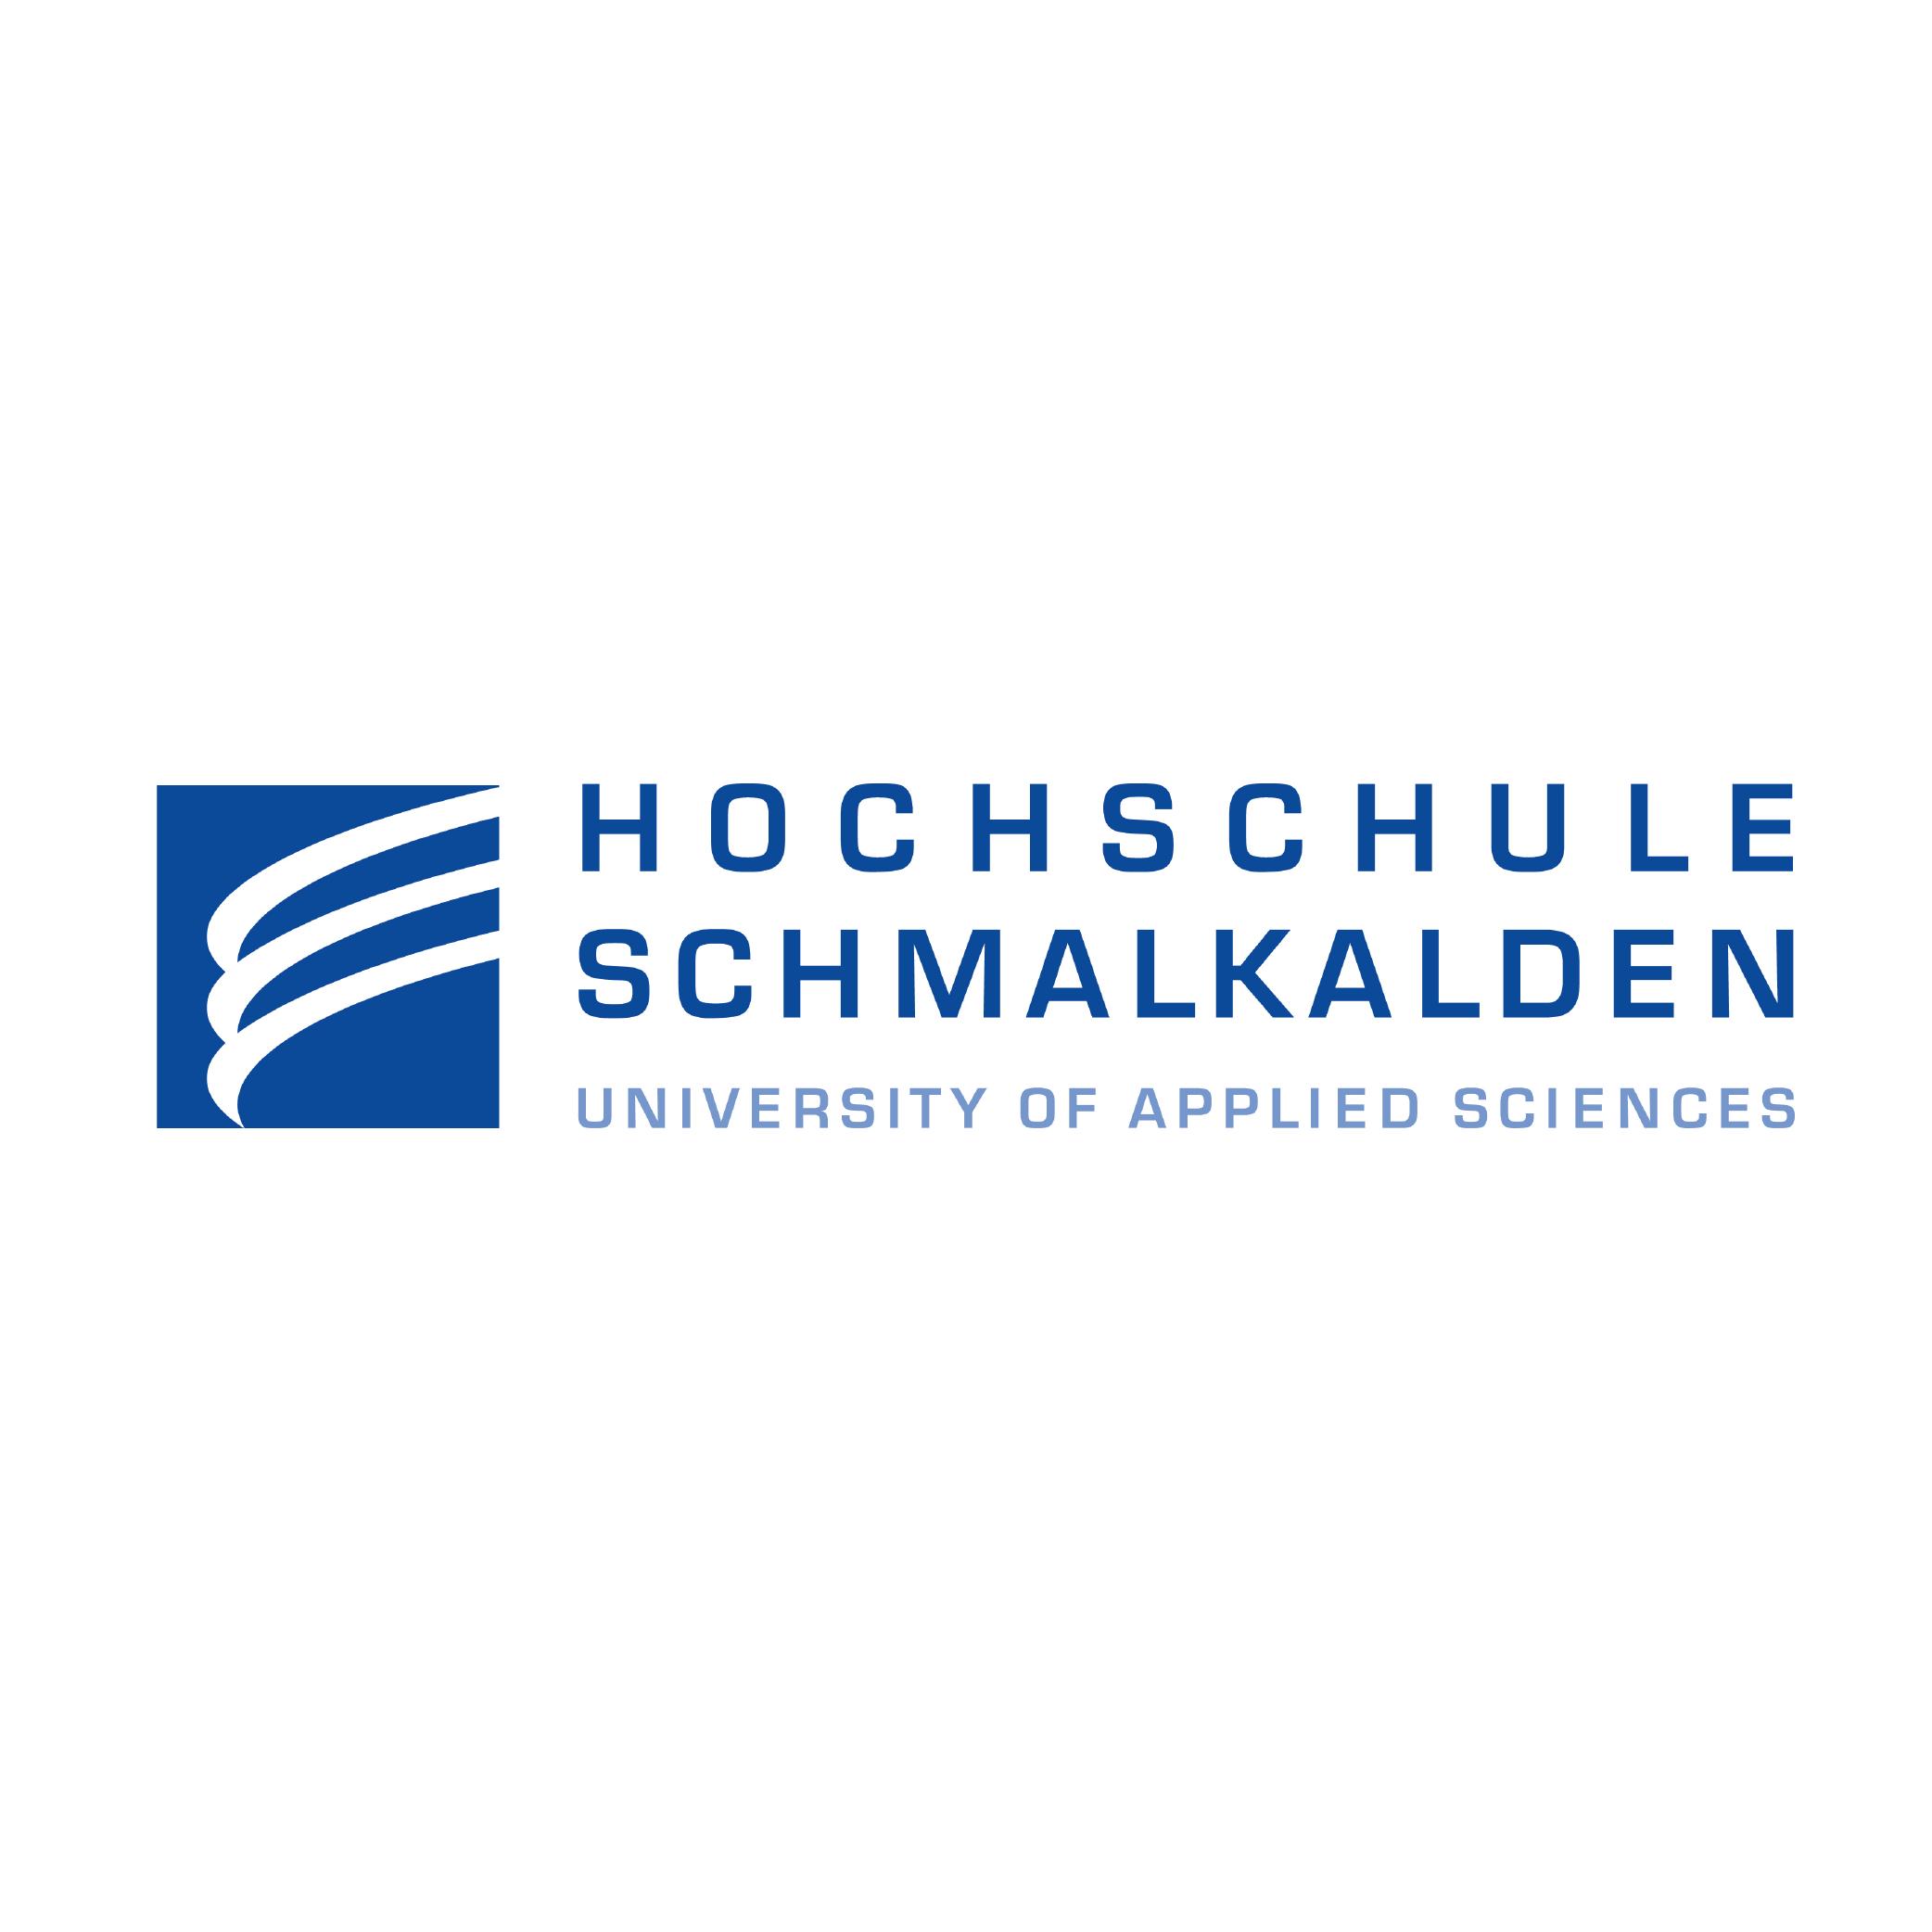 HS Schmalkalden